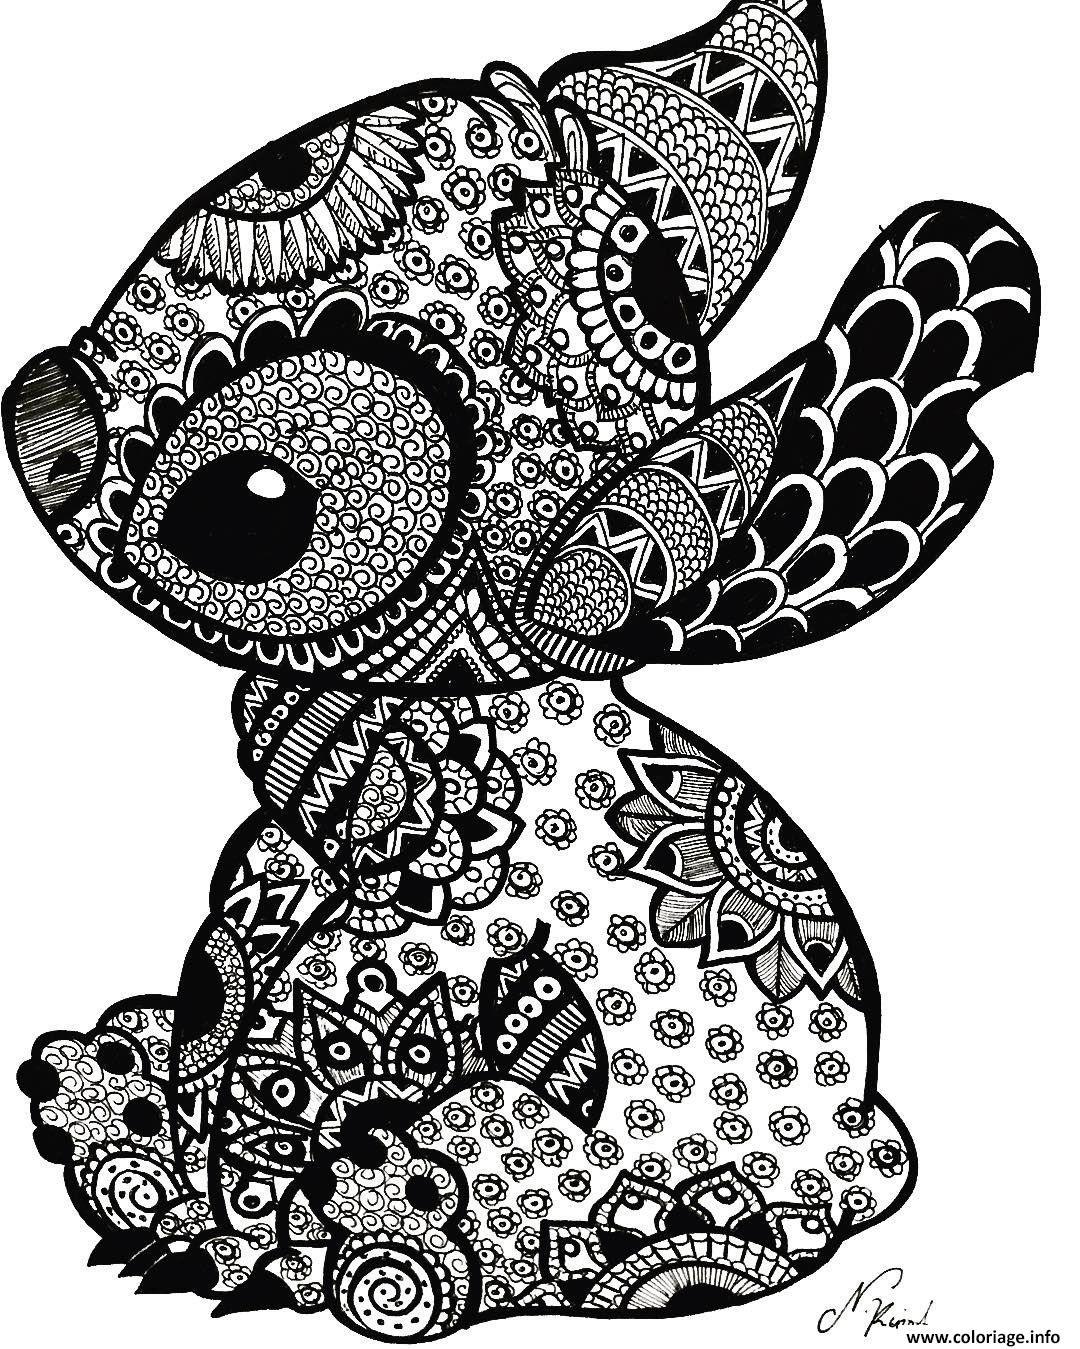 Coloriage Stitch Mandala Adulte Zentangle Dessin Stitch à ...